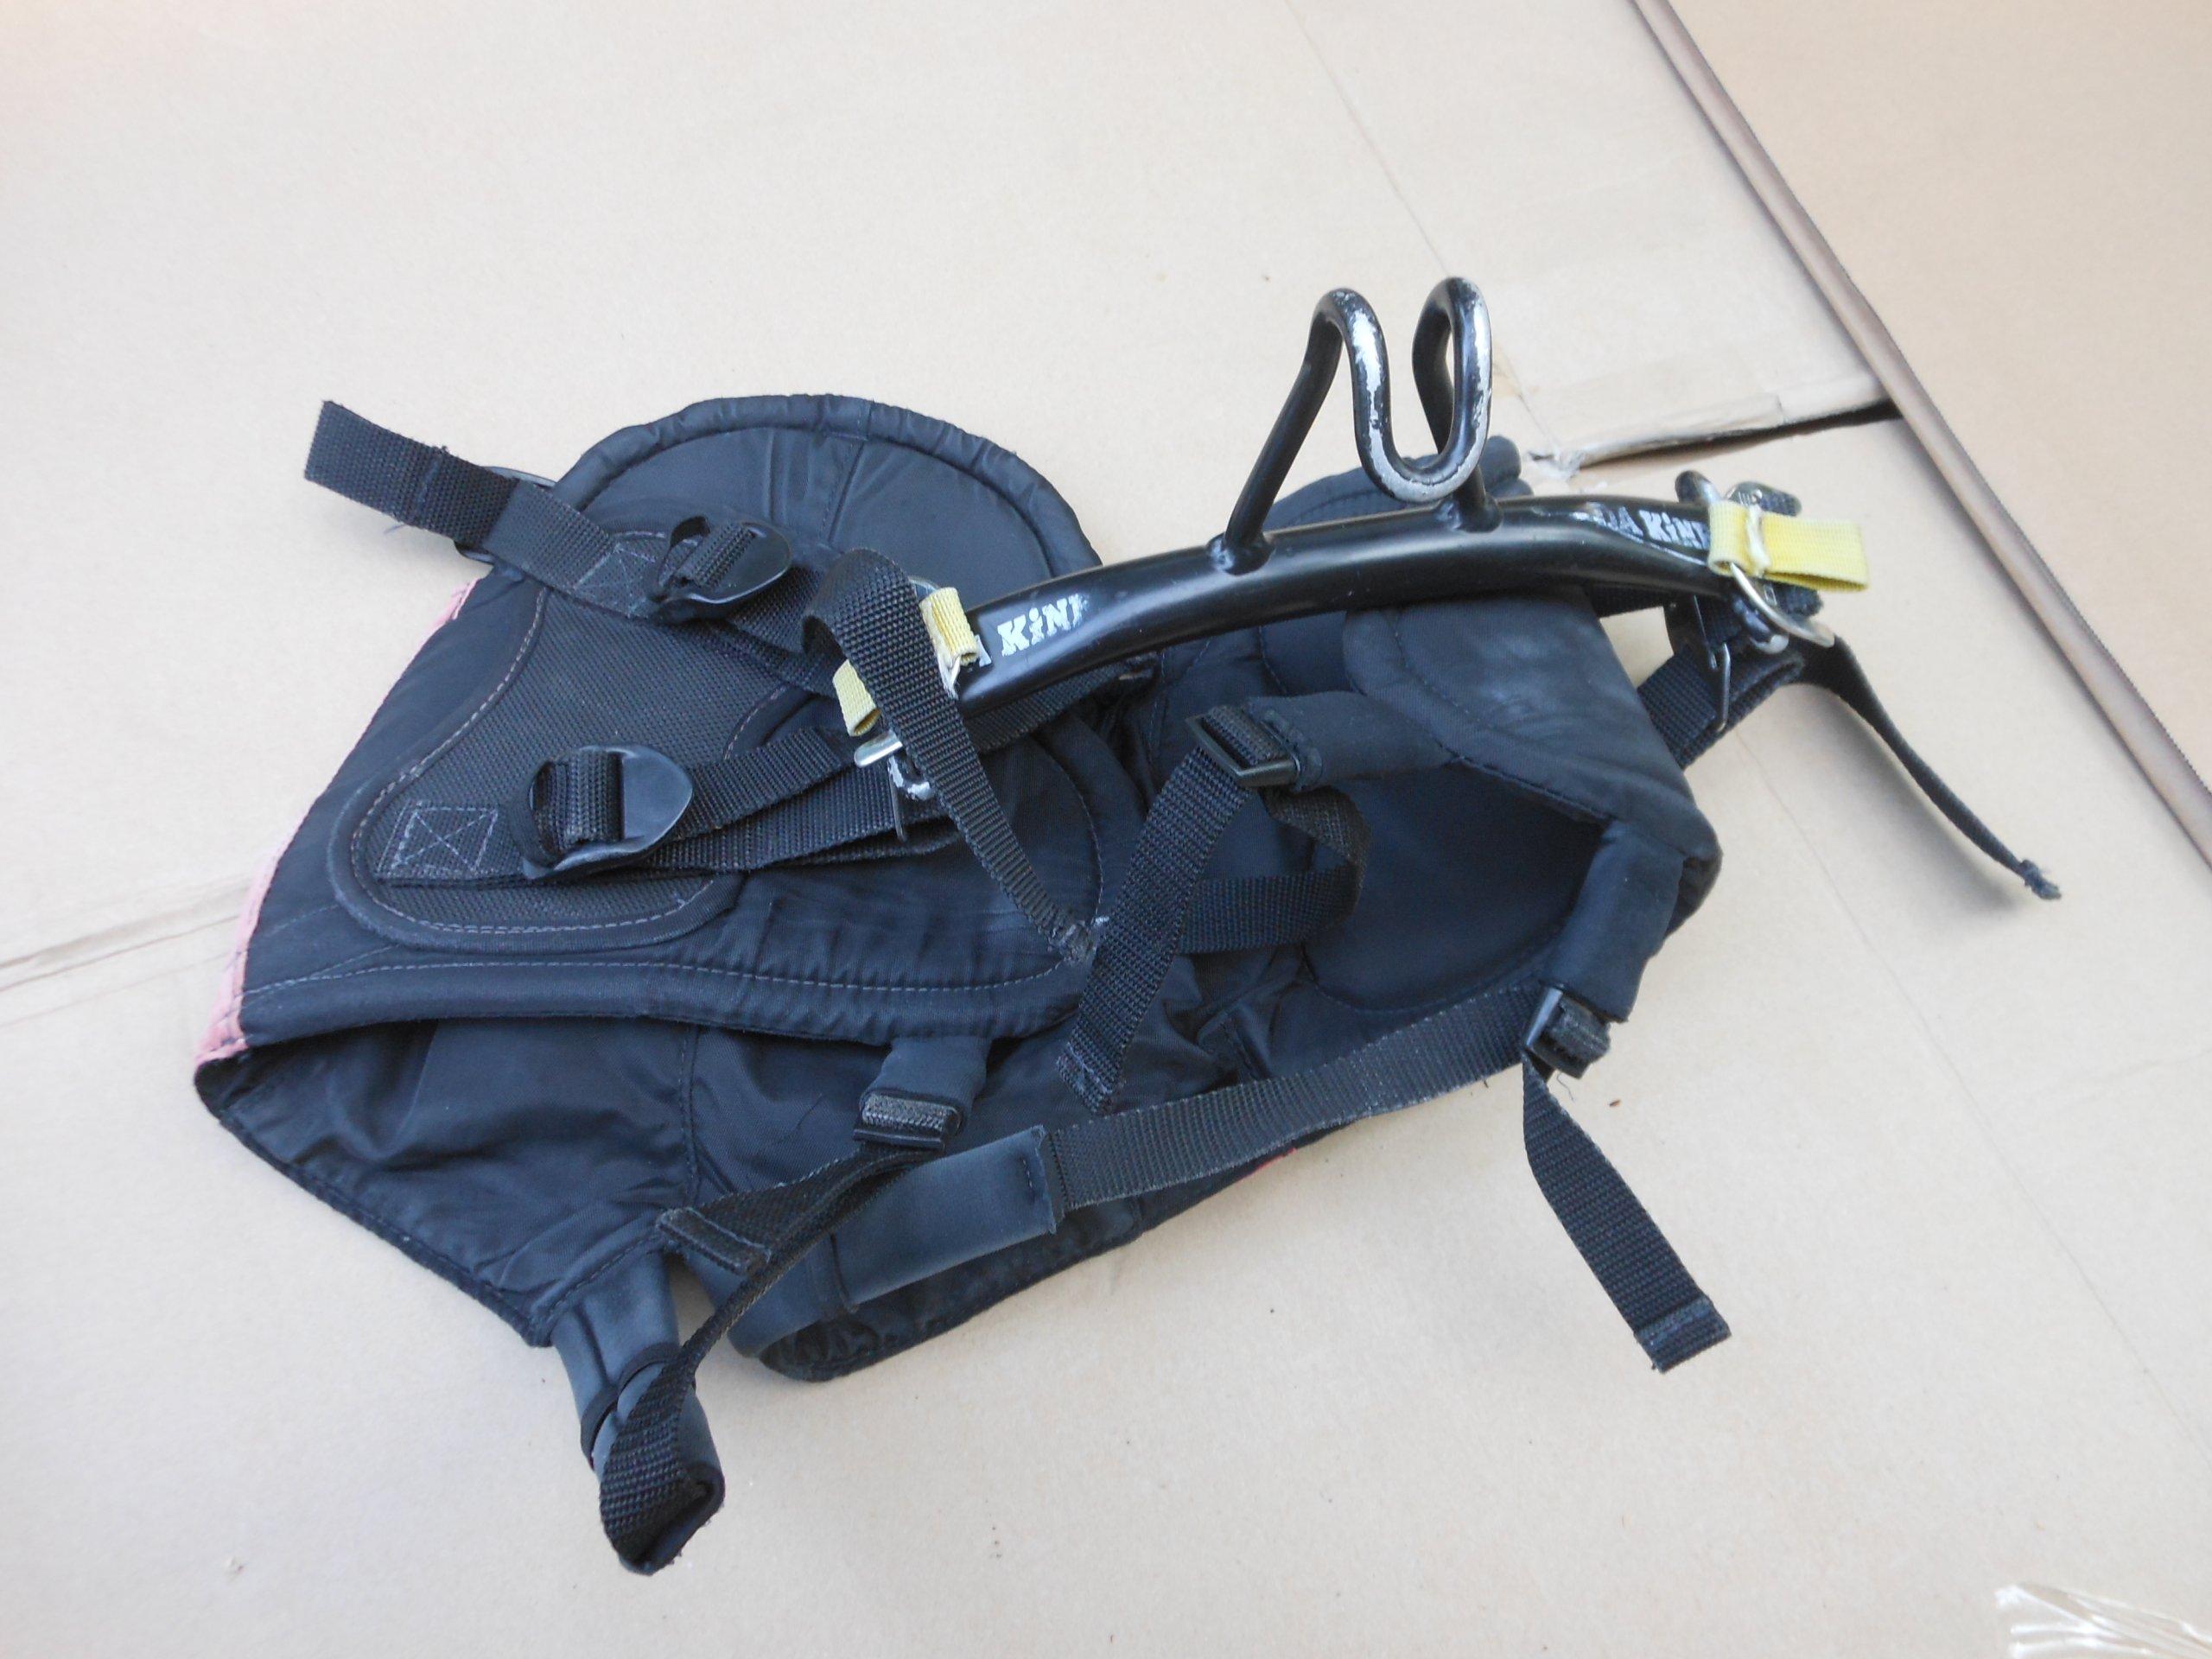 Pas trapezowy DAKINE windsurfing rozmiar M